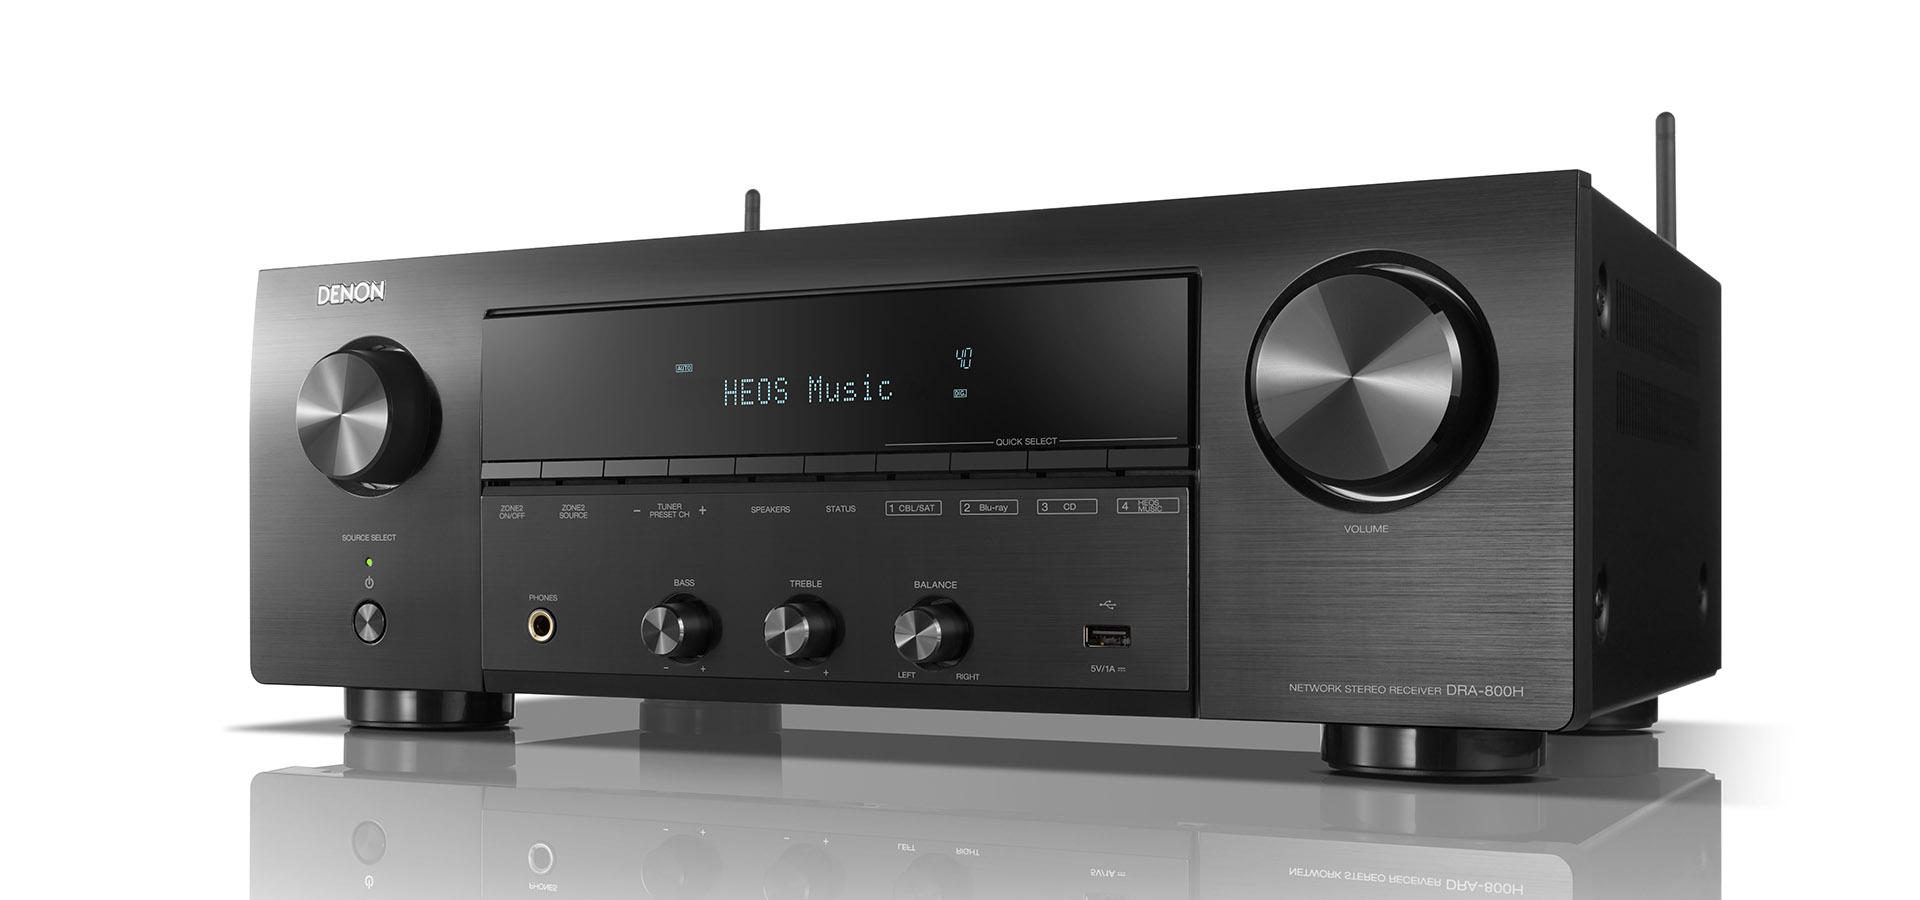 Ampli thông minh toàn năng Denon DRA-800H | Anh Duy Audio